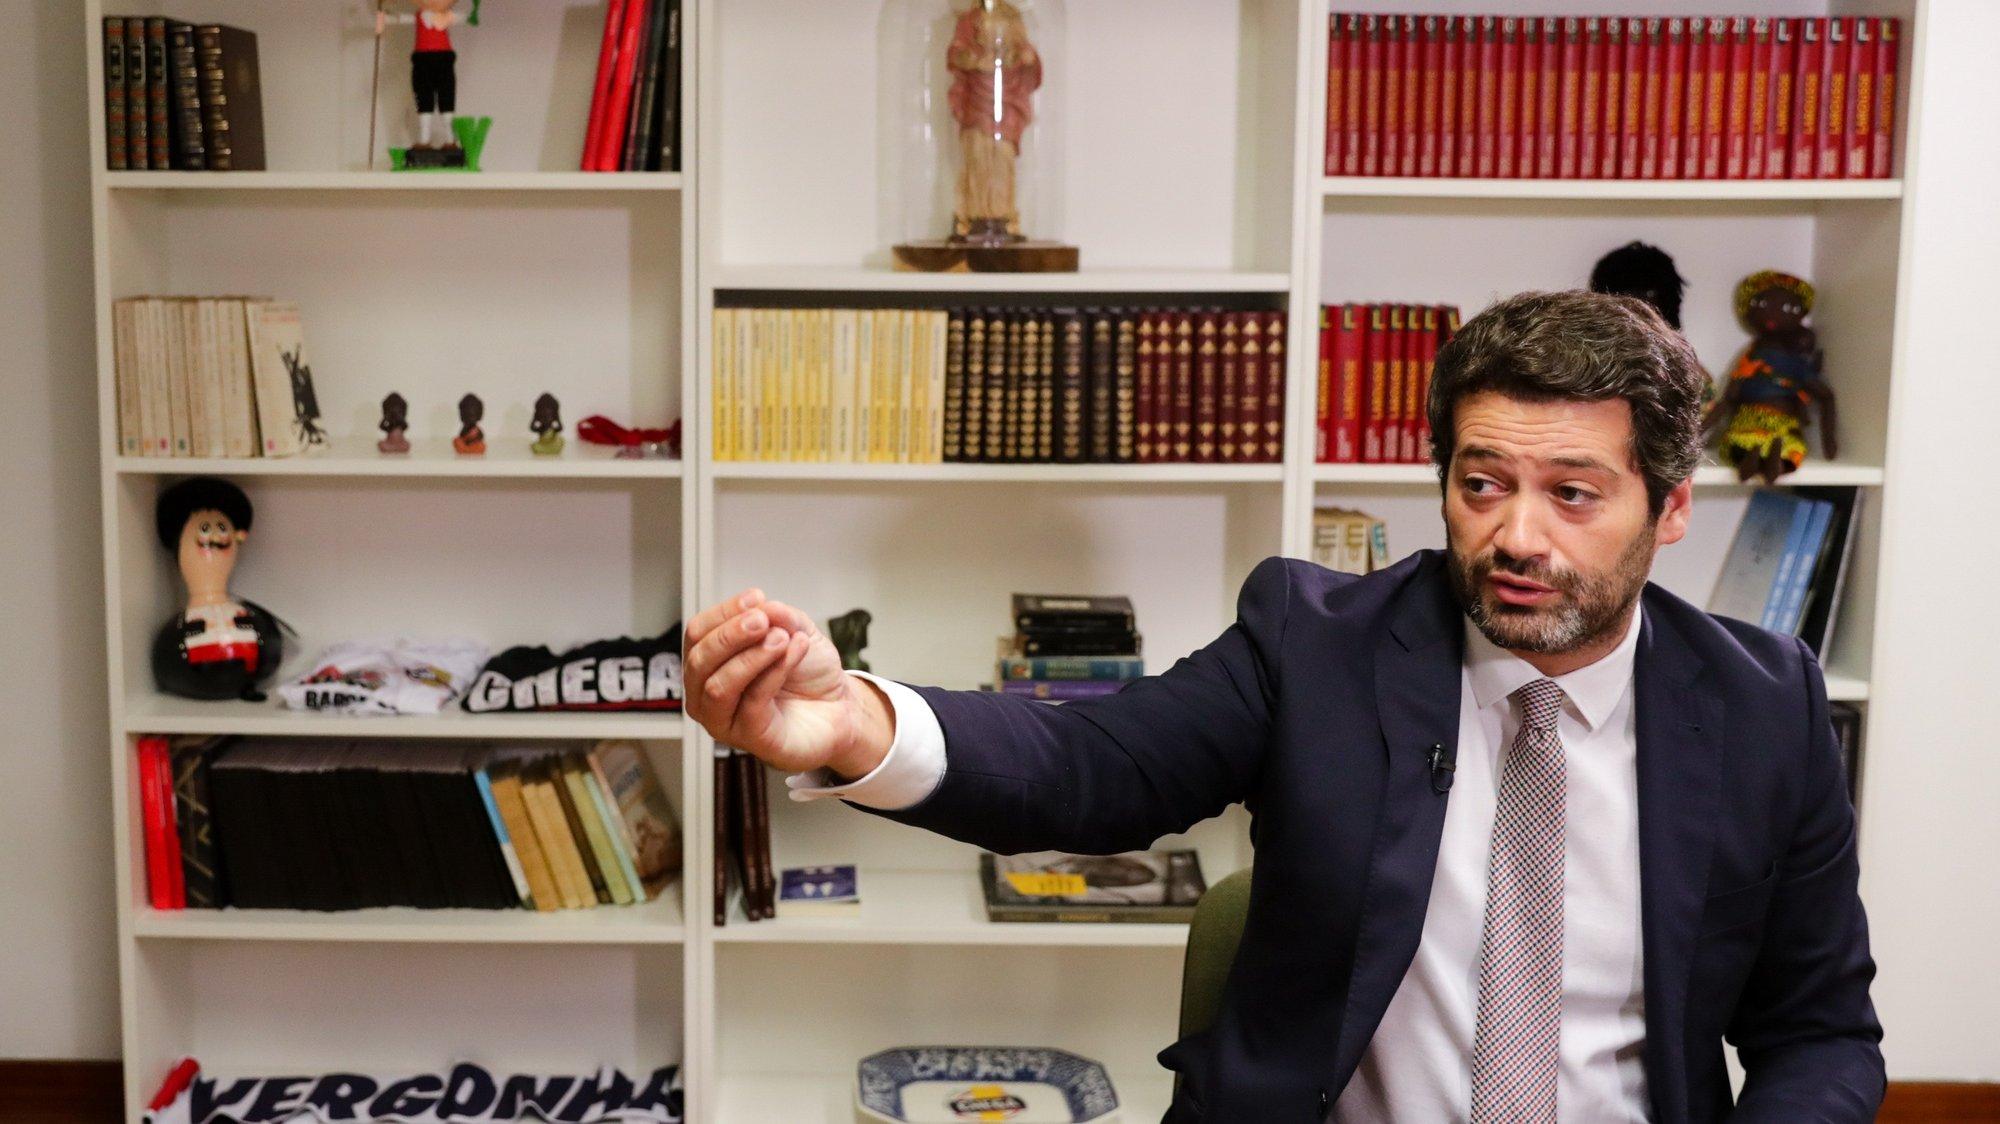 O presidente do Chega e candidato às eleições presidenciais de 2021, André Ventura, fala em entrevista à agência Lusa, na sede do seu partido em Lisboa, 11 de novembro de 2020. (ACOMPANHA TEXTO DA LUSA DO DIA 15 DE NOVEMBRO DE 2020). TIAGO PETINGA/LUSA